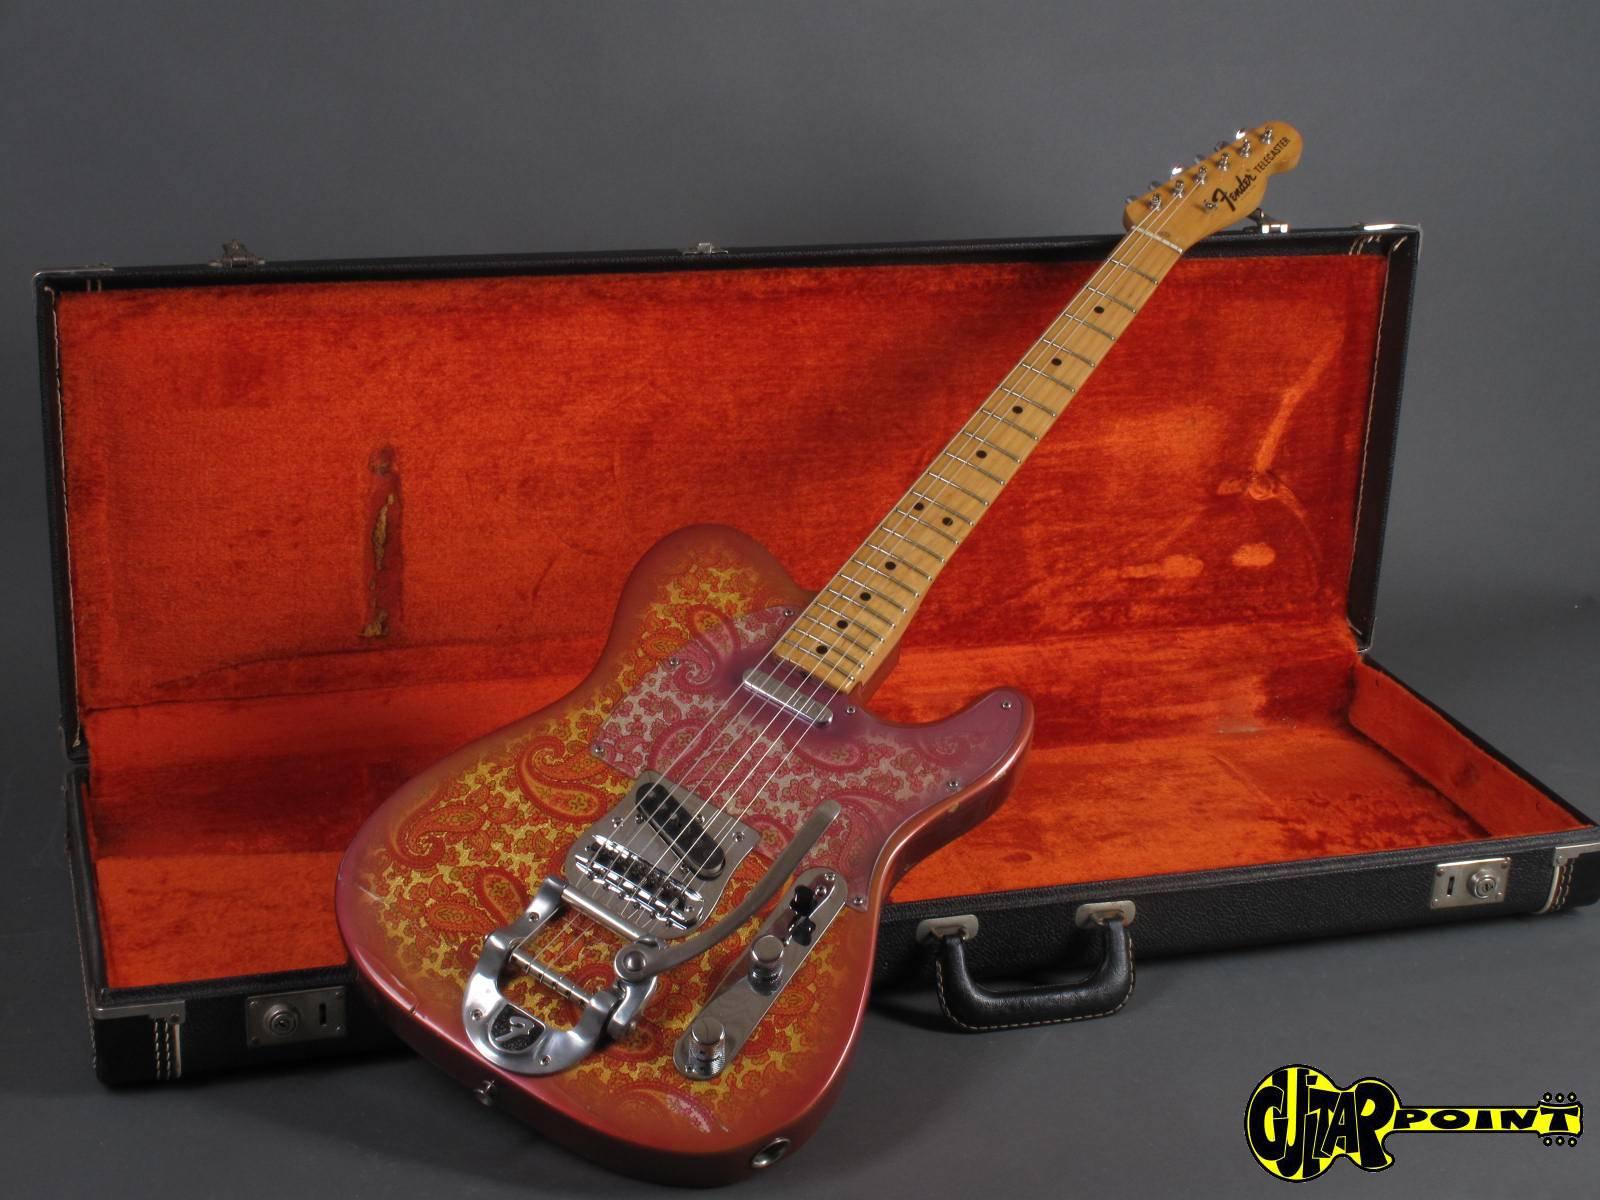 fender telecaster 1969 pink paisley guitar for sale guitarpoint. Black Bedroom Furniture Sets. Home Design Ideas